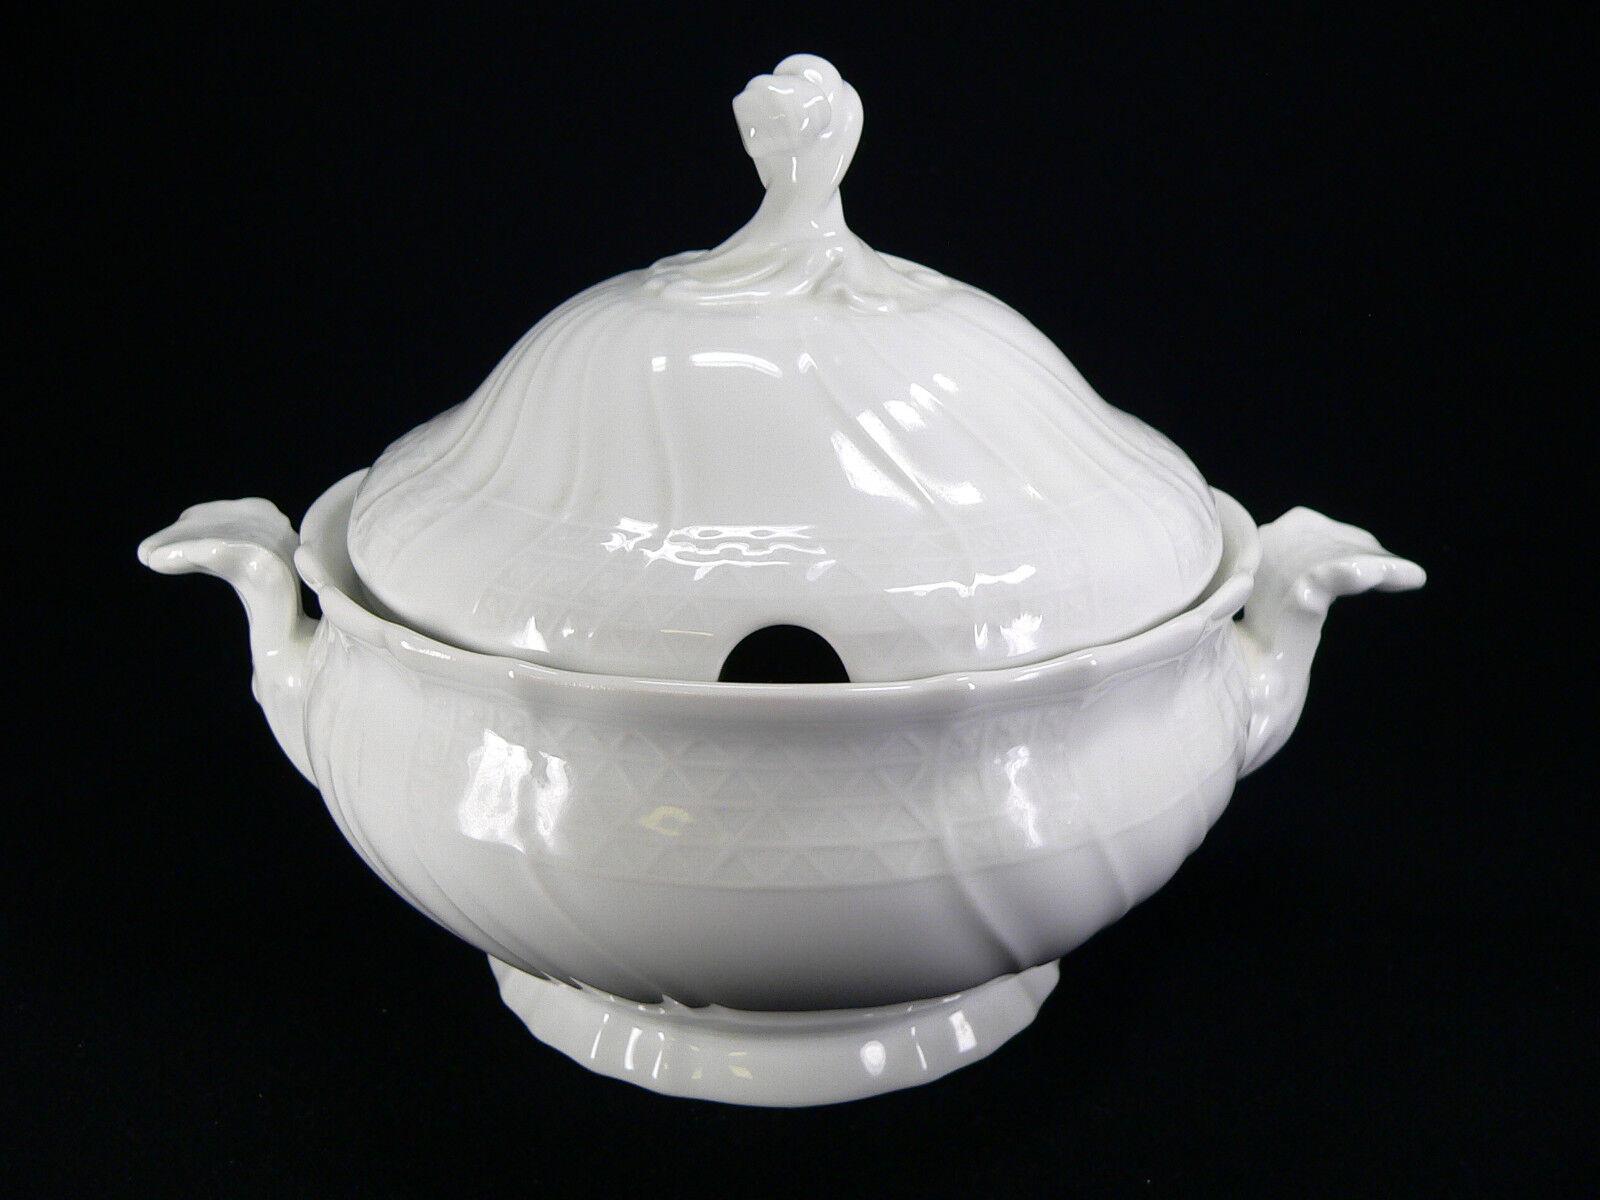 moda classica Hutschenreuther Dresda Bianco-minestre Zuppiera Zuppiera Zuppiera 3 LITRI  la vostra soddisfazione è il nostro obiettivo